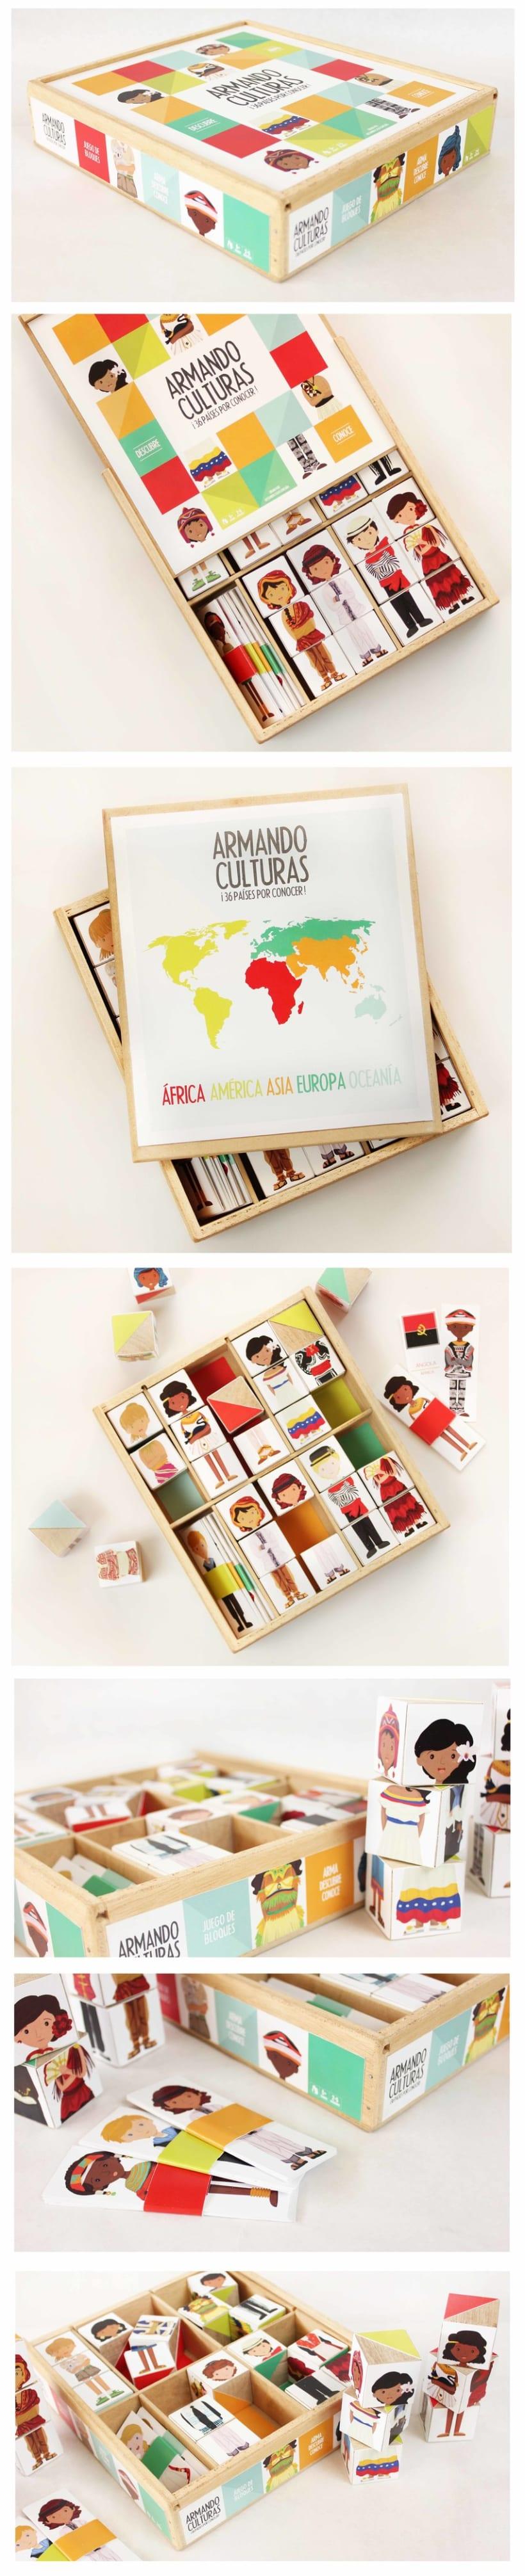 """Trabajo Especial de Grado  """"Diseño de un juego didáctico ilustrado sobre nacionalidades del mundo, dirigido a niños de edades comprendidas entre 5 y 7 años."""" -1"""